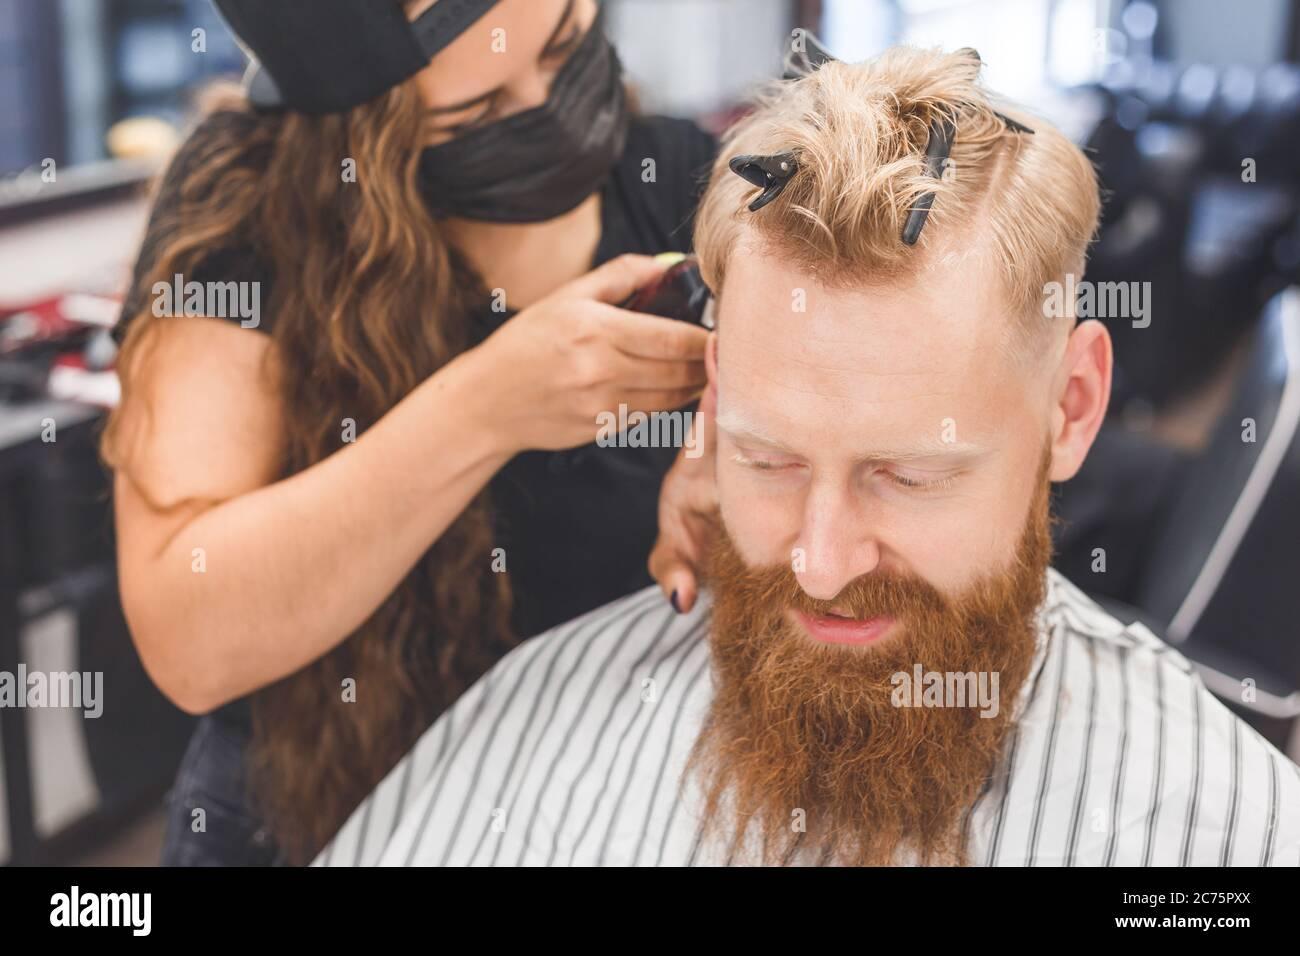 Corte de pelo para hombre en una peluquería. Cuidado del cabello. Barbería en máscara de protección contra virus. Corte de pelo en cuarentena. Foto de stock